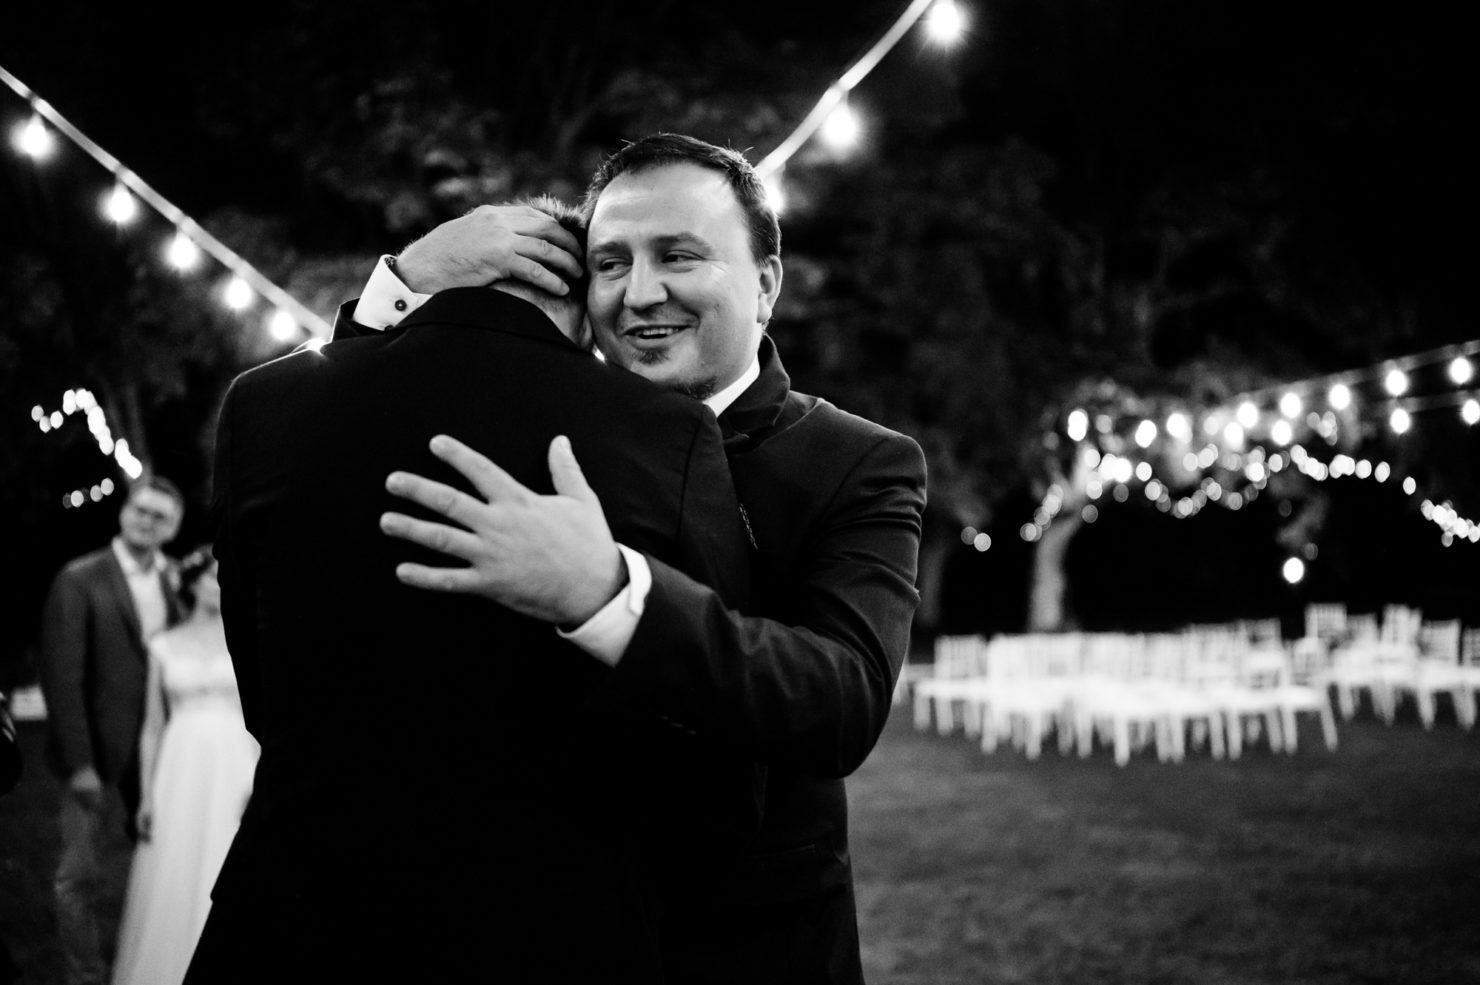 Masia i Mateusz - Ślub plenerowy - Zacisze Anny Korcz - ślub plenerowy